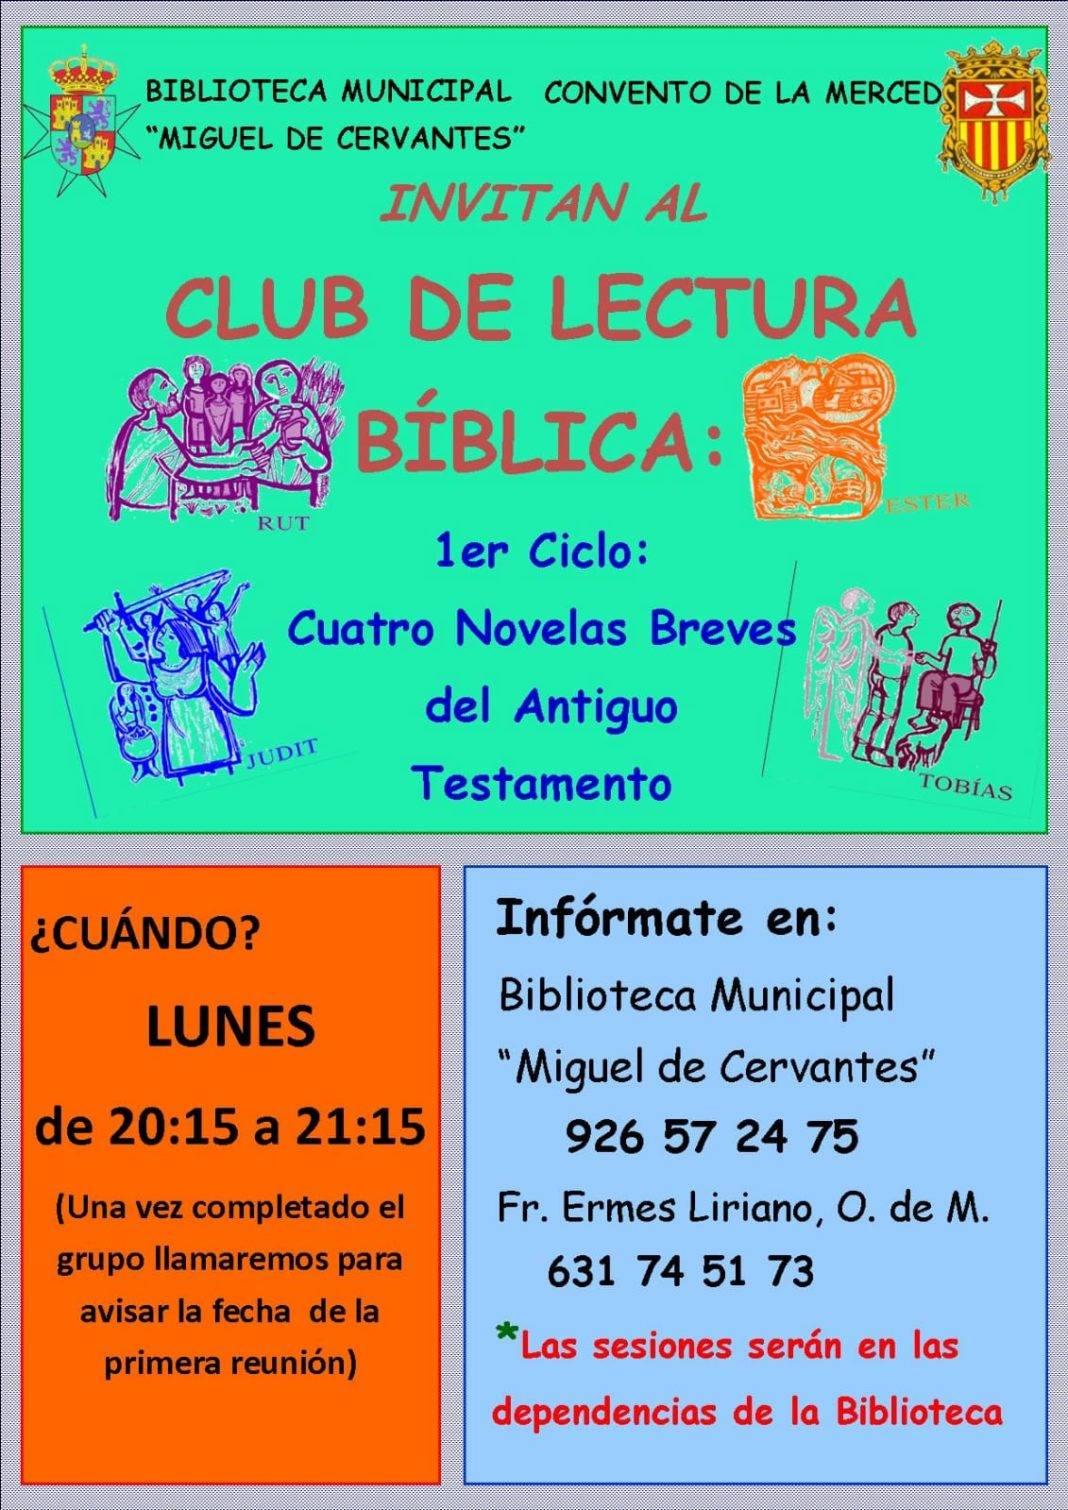 Abierta la inscripción para un nuevo club de lectura bíblica 4